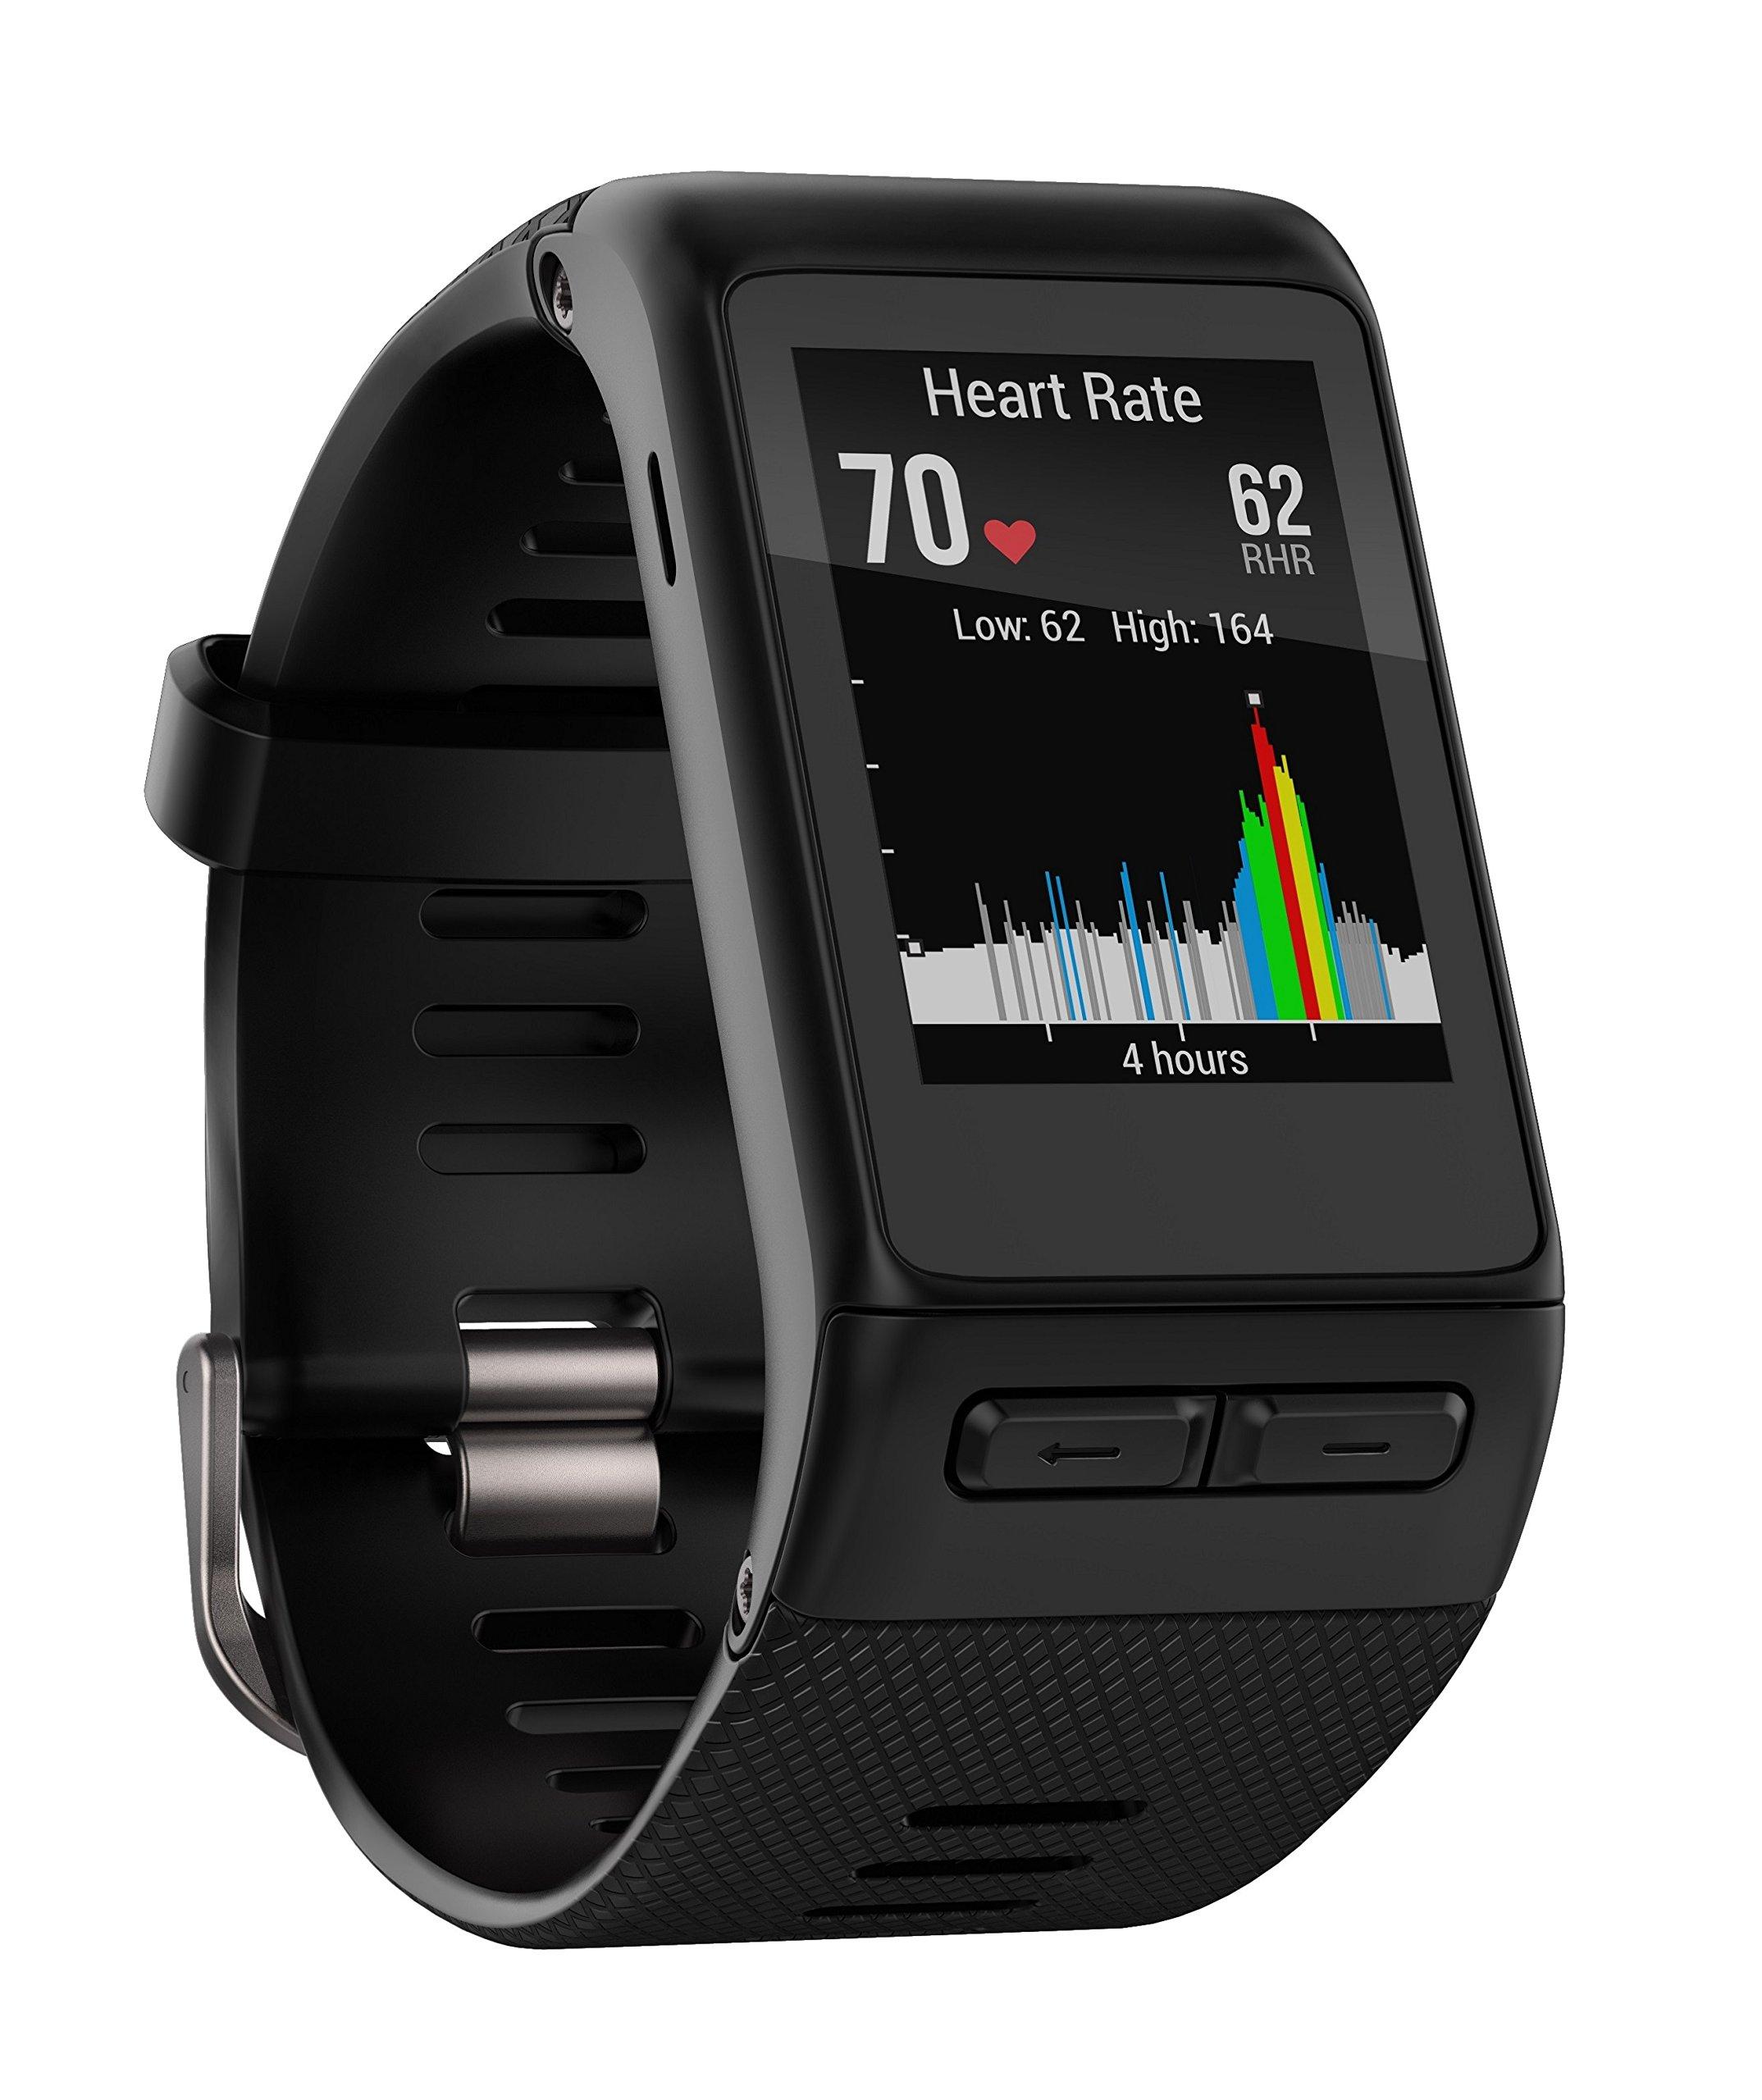 Garmin Vivoactive HR Regular Smartwatch con Cardio al Polso, Profili d'Attività Fisica, Cinturino Regular (M-L), Nero 1 spesavip